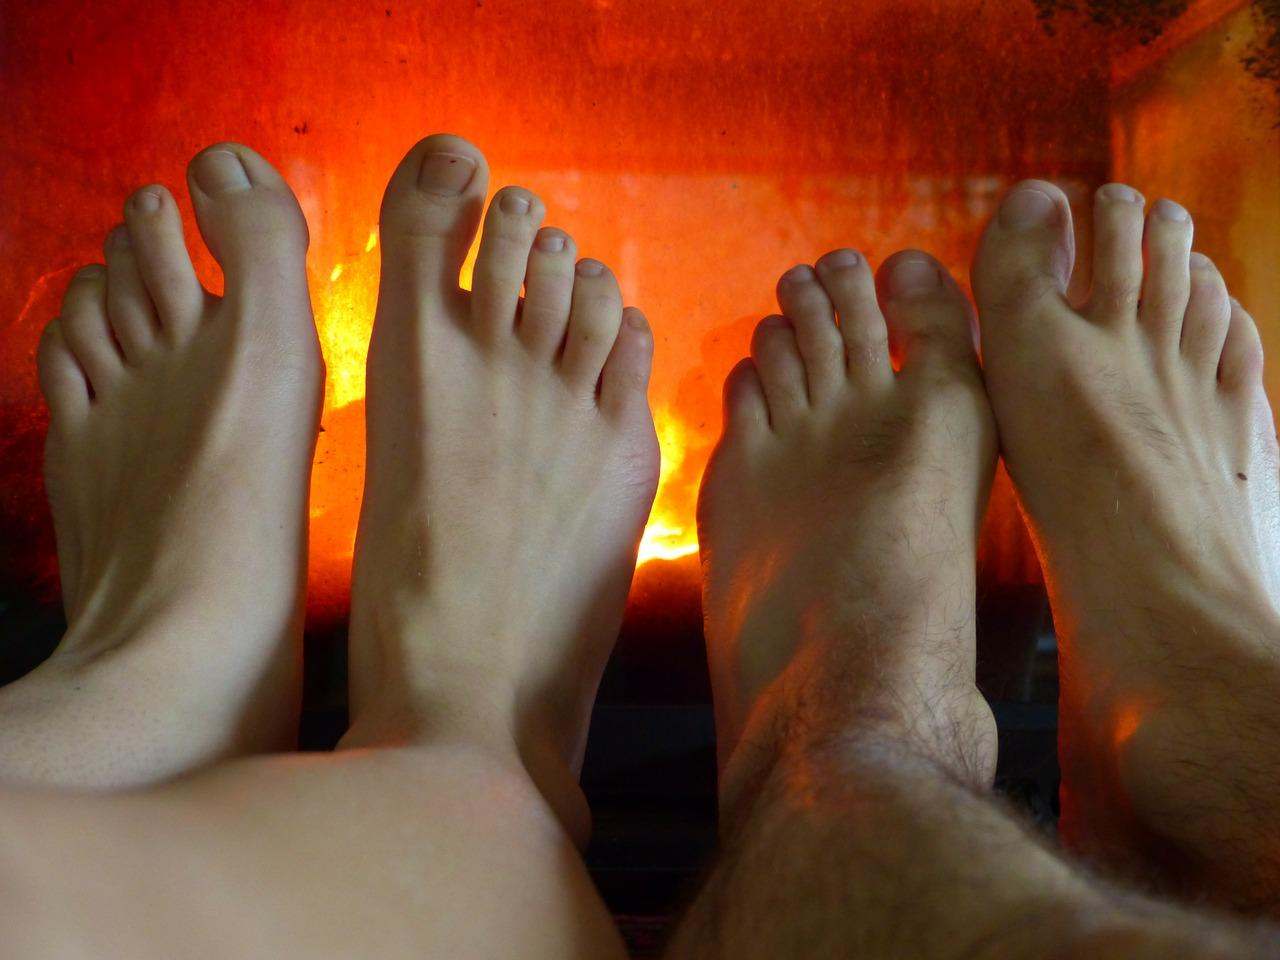 Dolegliwości bólowe stóp utrudniają Ci chodzenie? Zapoznaj się z ofertą Podologa z Redy!